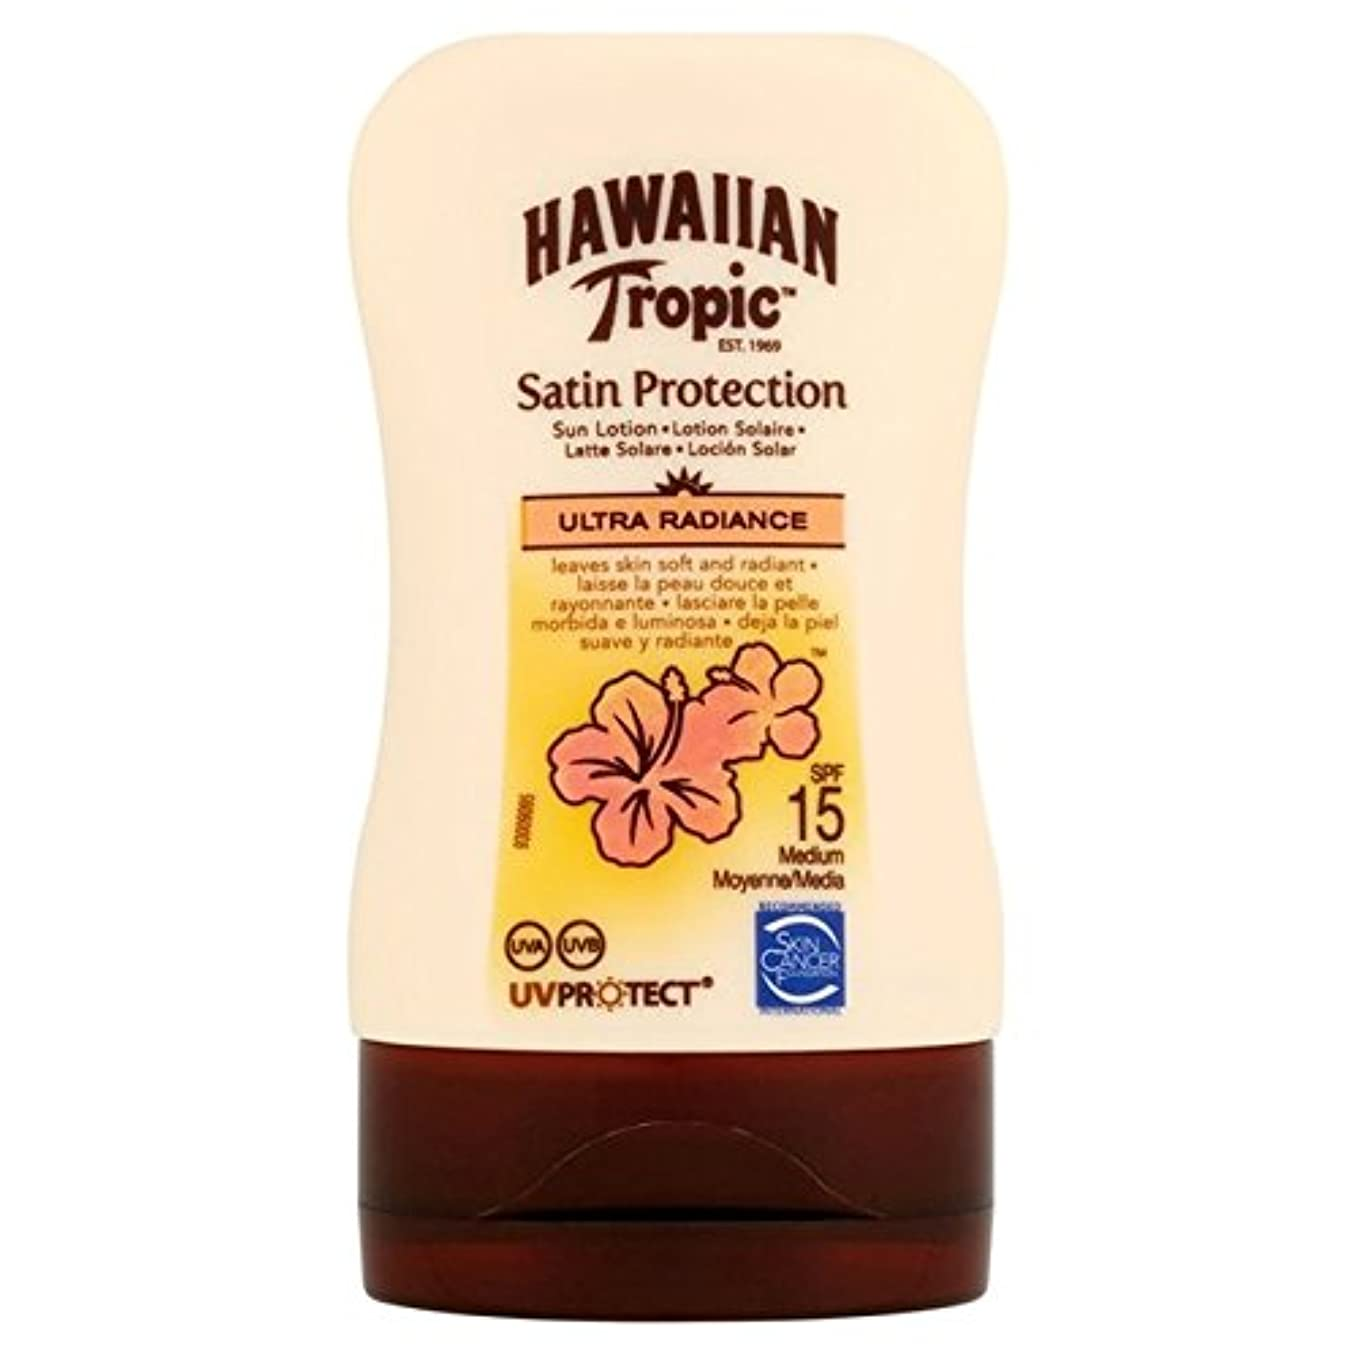 然とした鯨本当のことを言うとHawaiian Tropic Protective Lotion SPF15 Ultra Radiance 100ml (Pack of 6) - 南国ハワイの保護ローション15超放射輝度100ミリリットル x6 [並行輸入品]